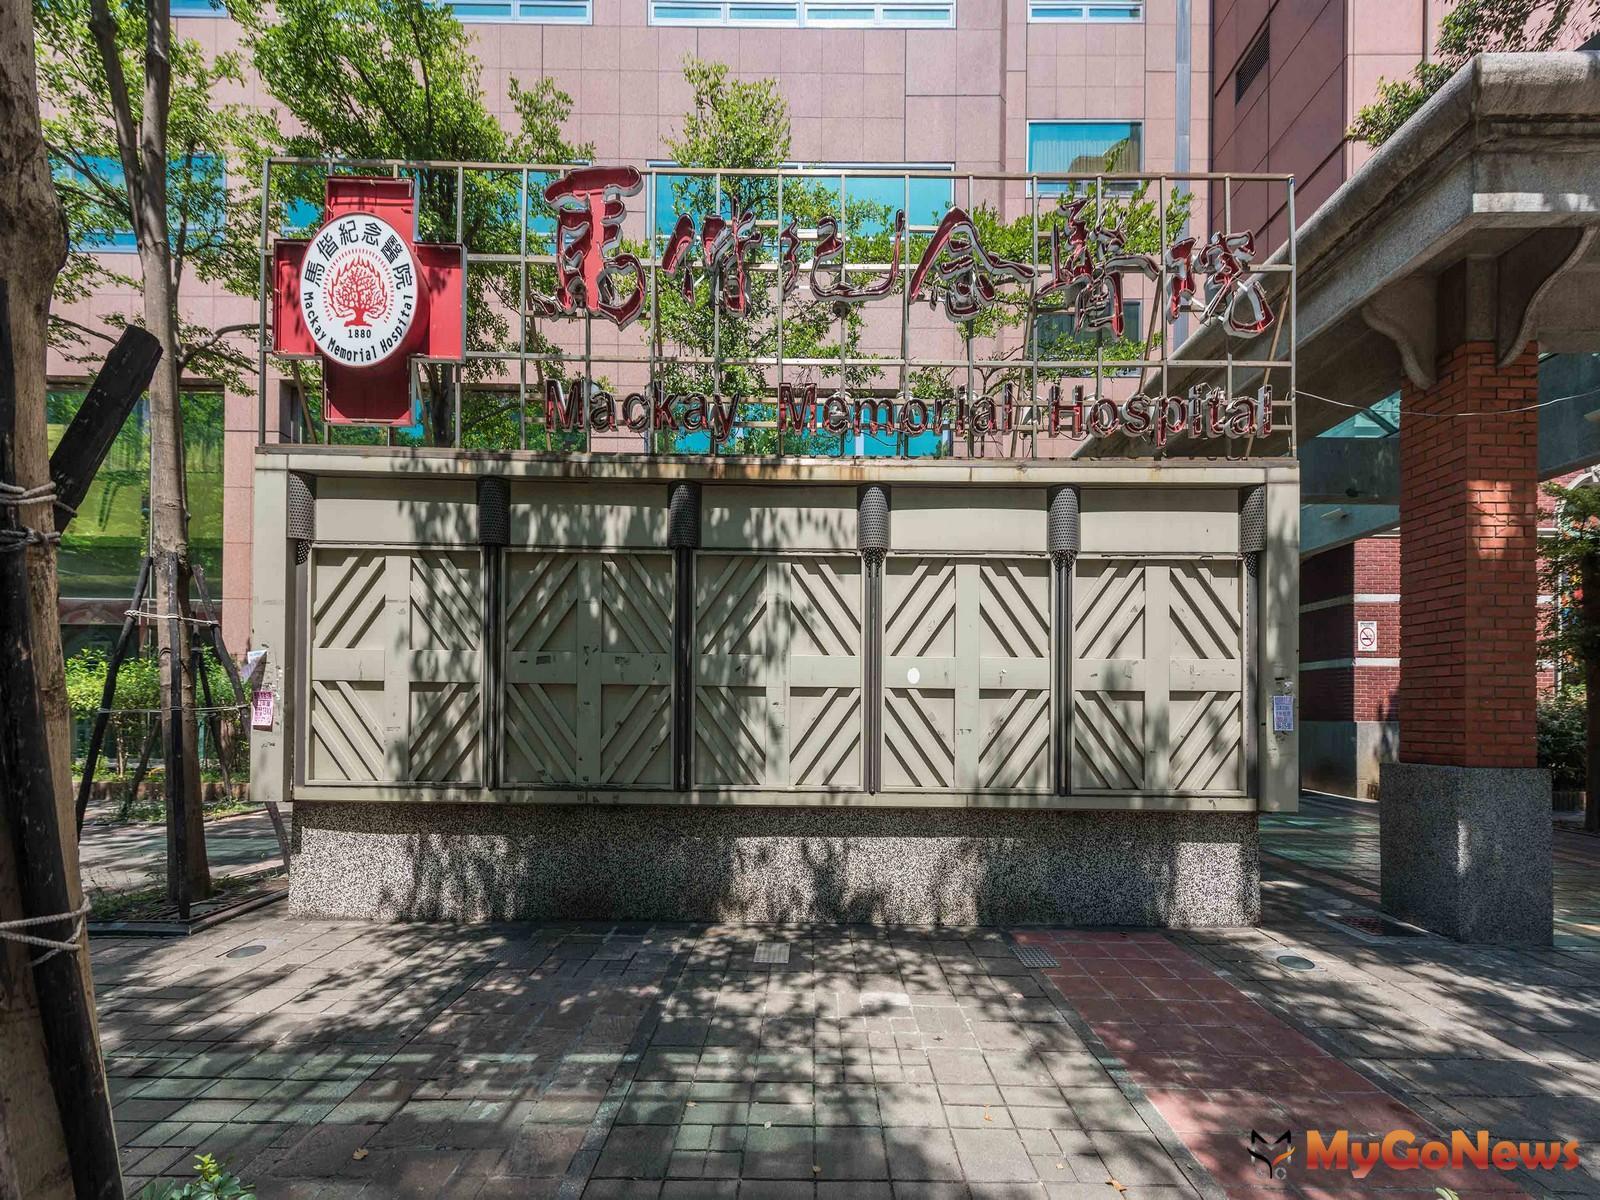 統計雙北地區醫學中心及區域醫院周遭的房市價量,台北市成交量最多的是「馬偕紀念醫院」周邊 MyGoNews房地產新聞 市場快訊